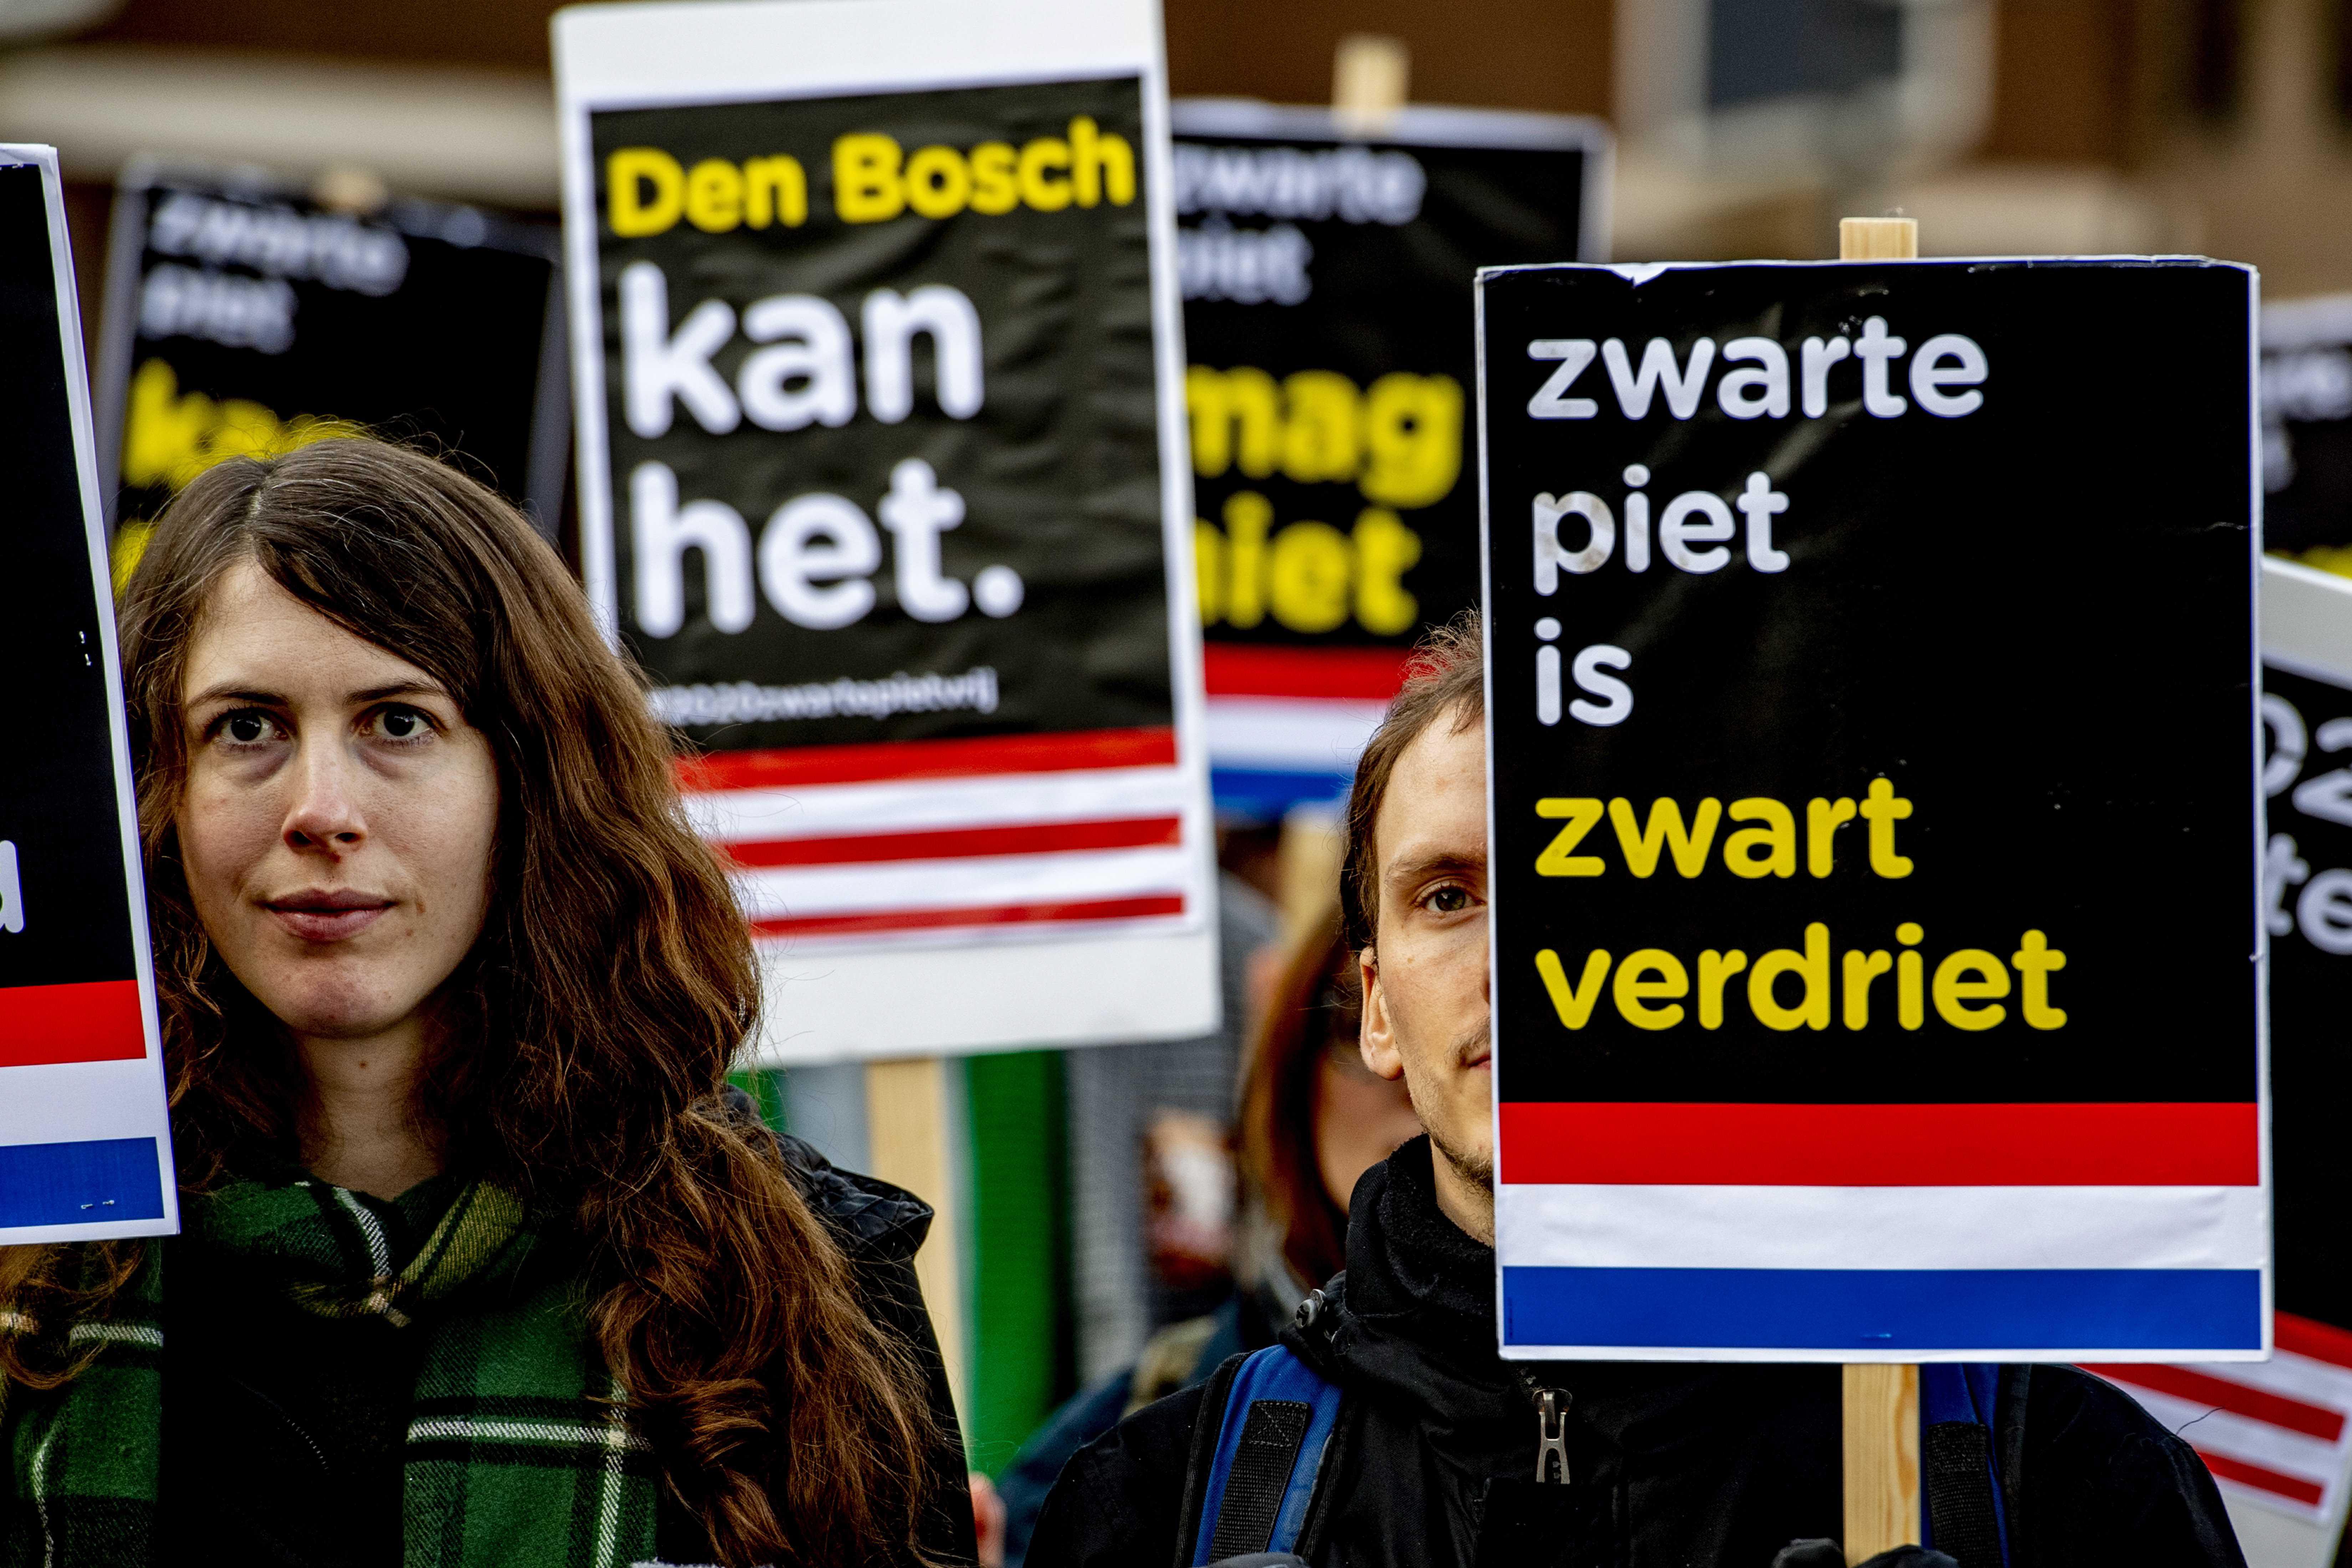 Foto van mensen die demonstreren tegen Zwarte Piet